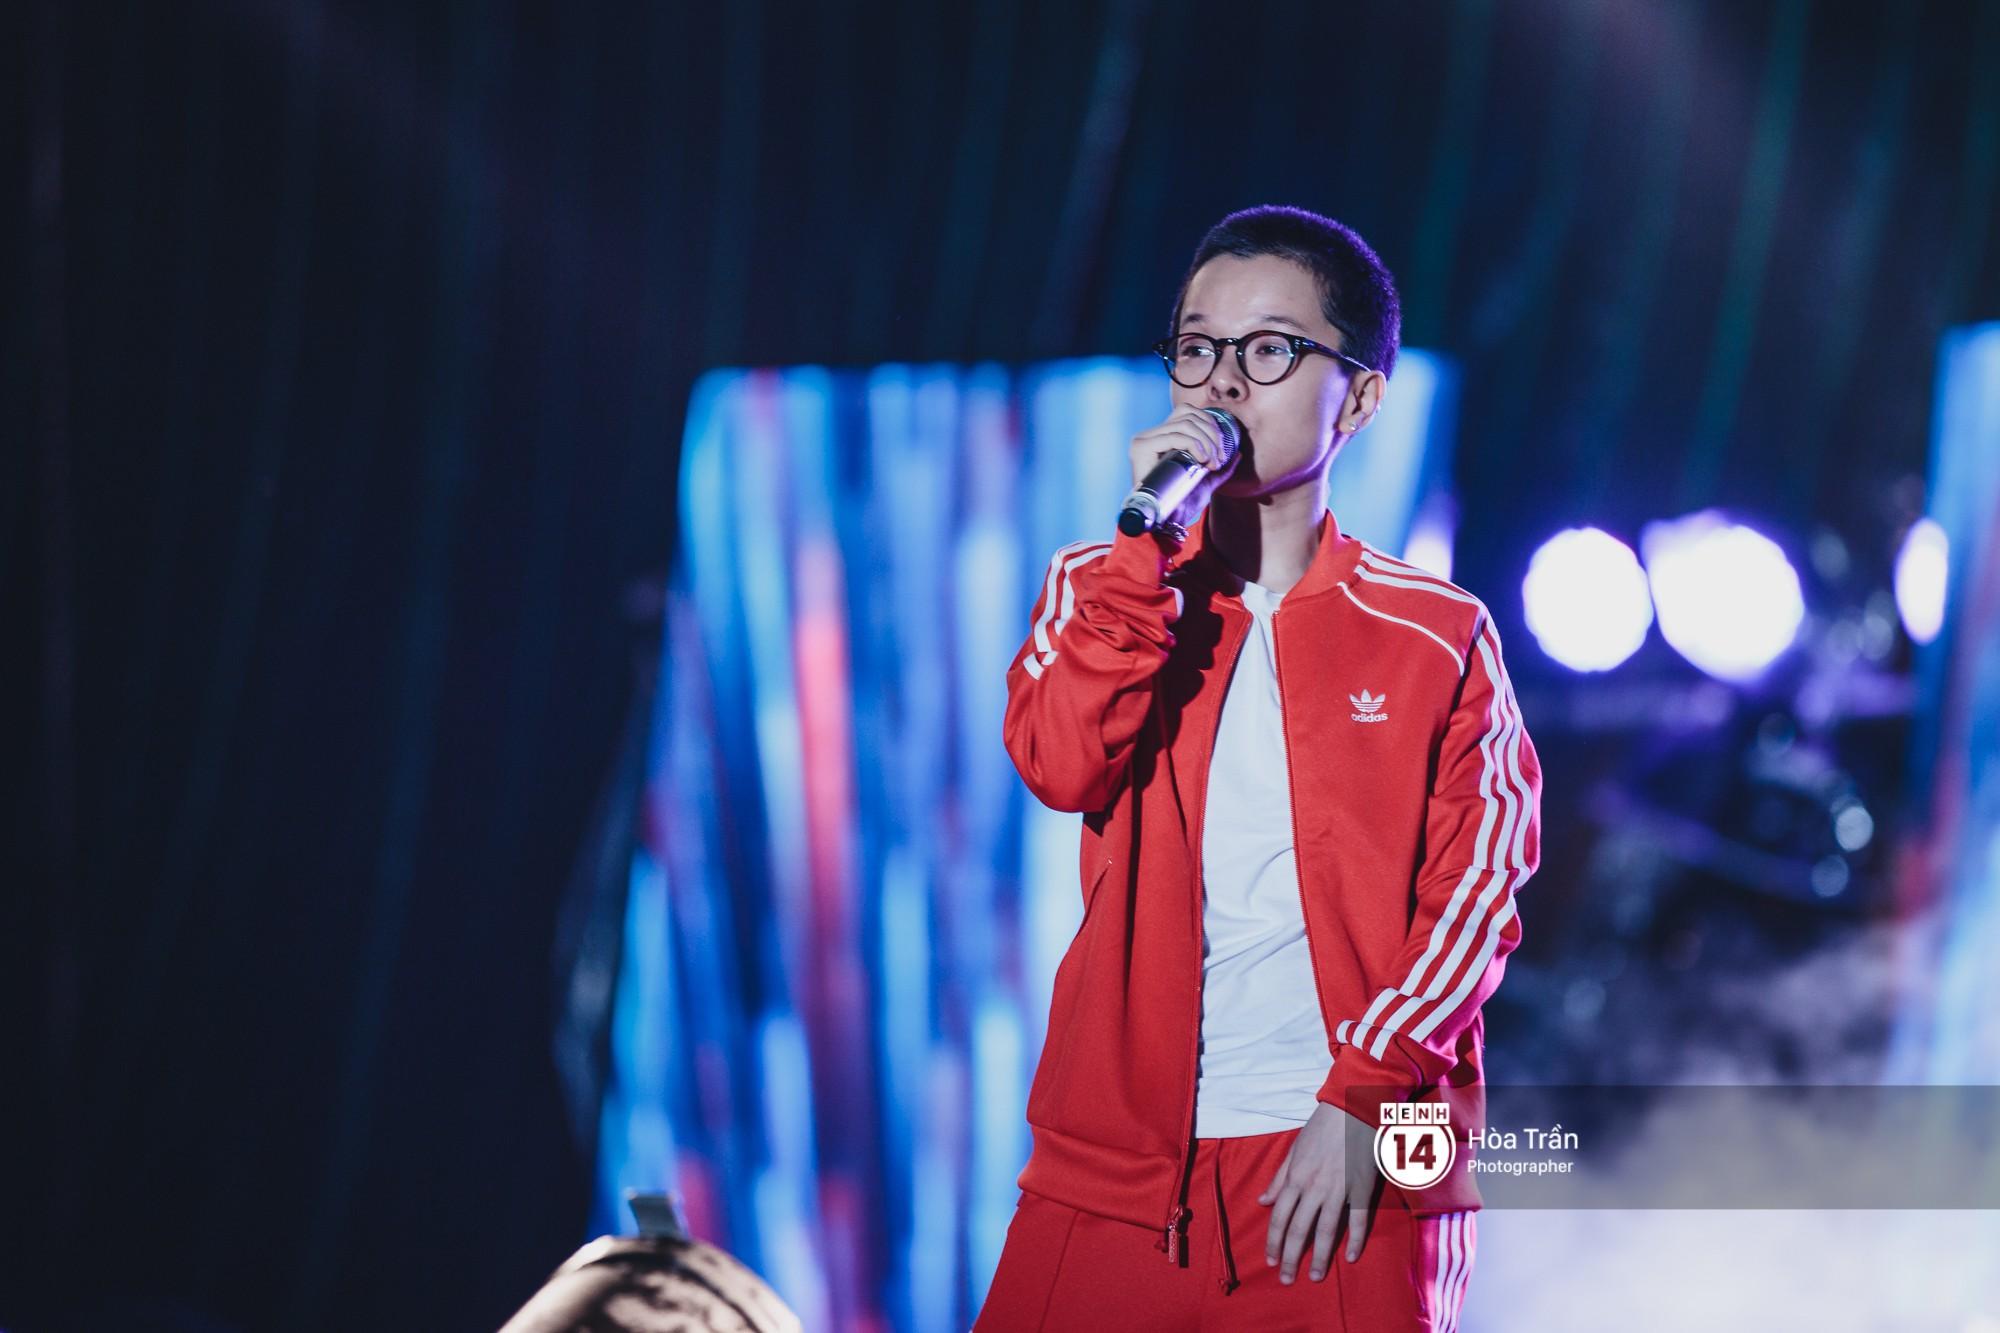 Giới trẻ Sài Gòn cùng loạt nghệ sĩ đình đám như Vũ, Đen Vâu, Suboi hoà mình vào bữa tiệc âm nhạc hoành tráng tại Thơm Music Festival - Ảnh 10.